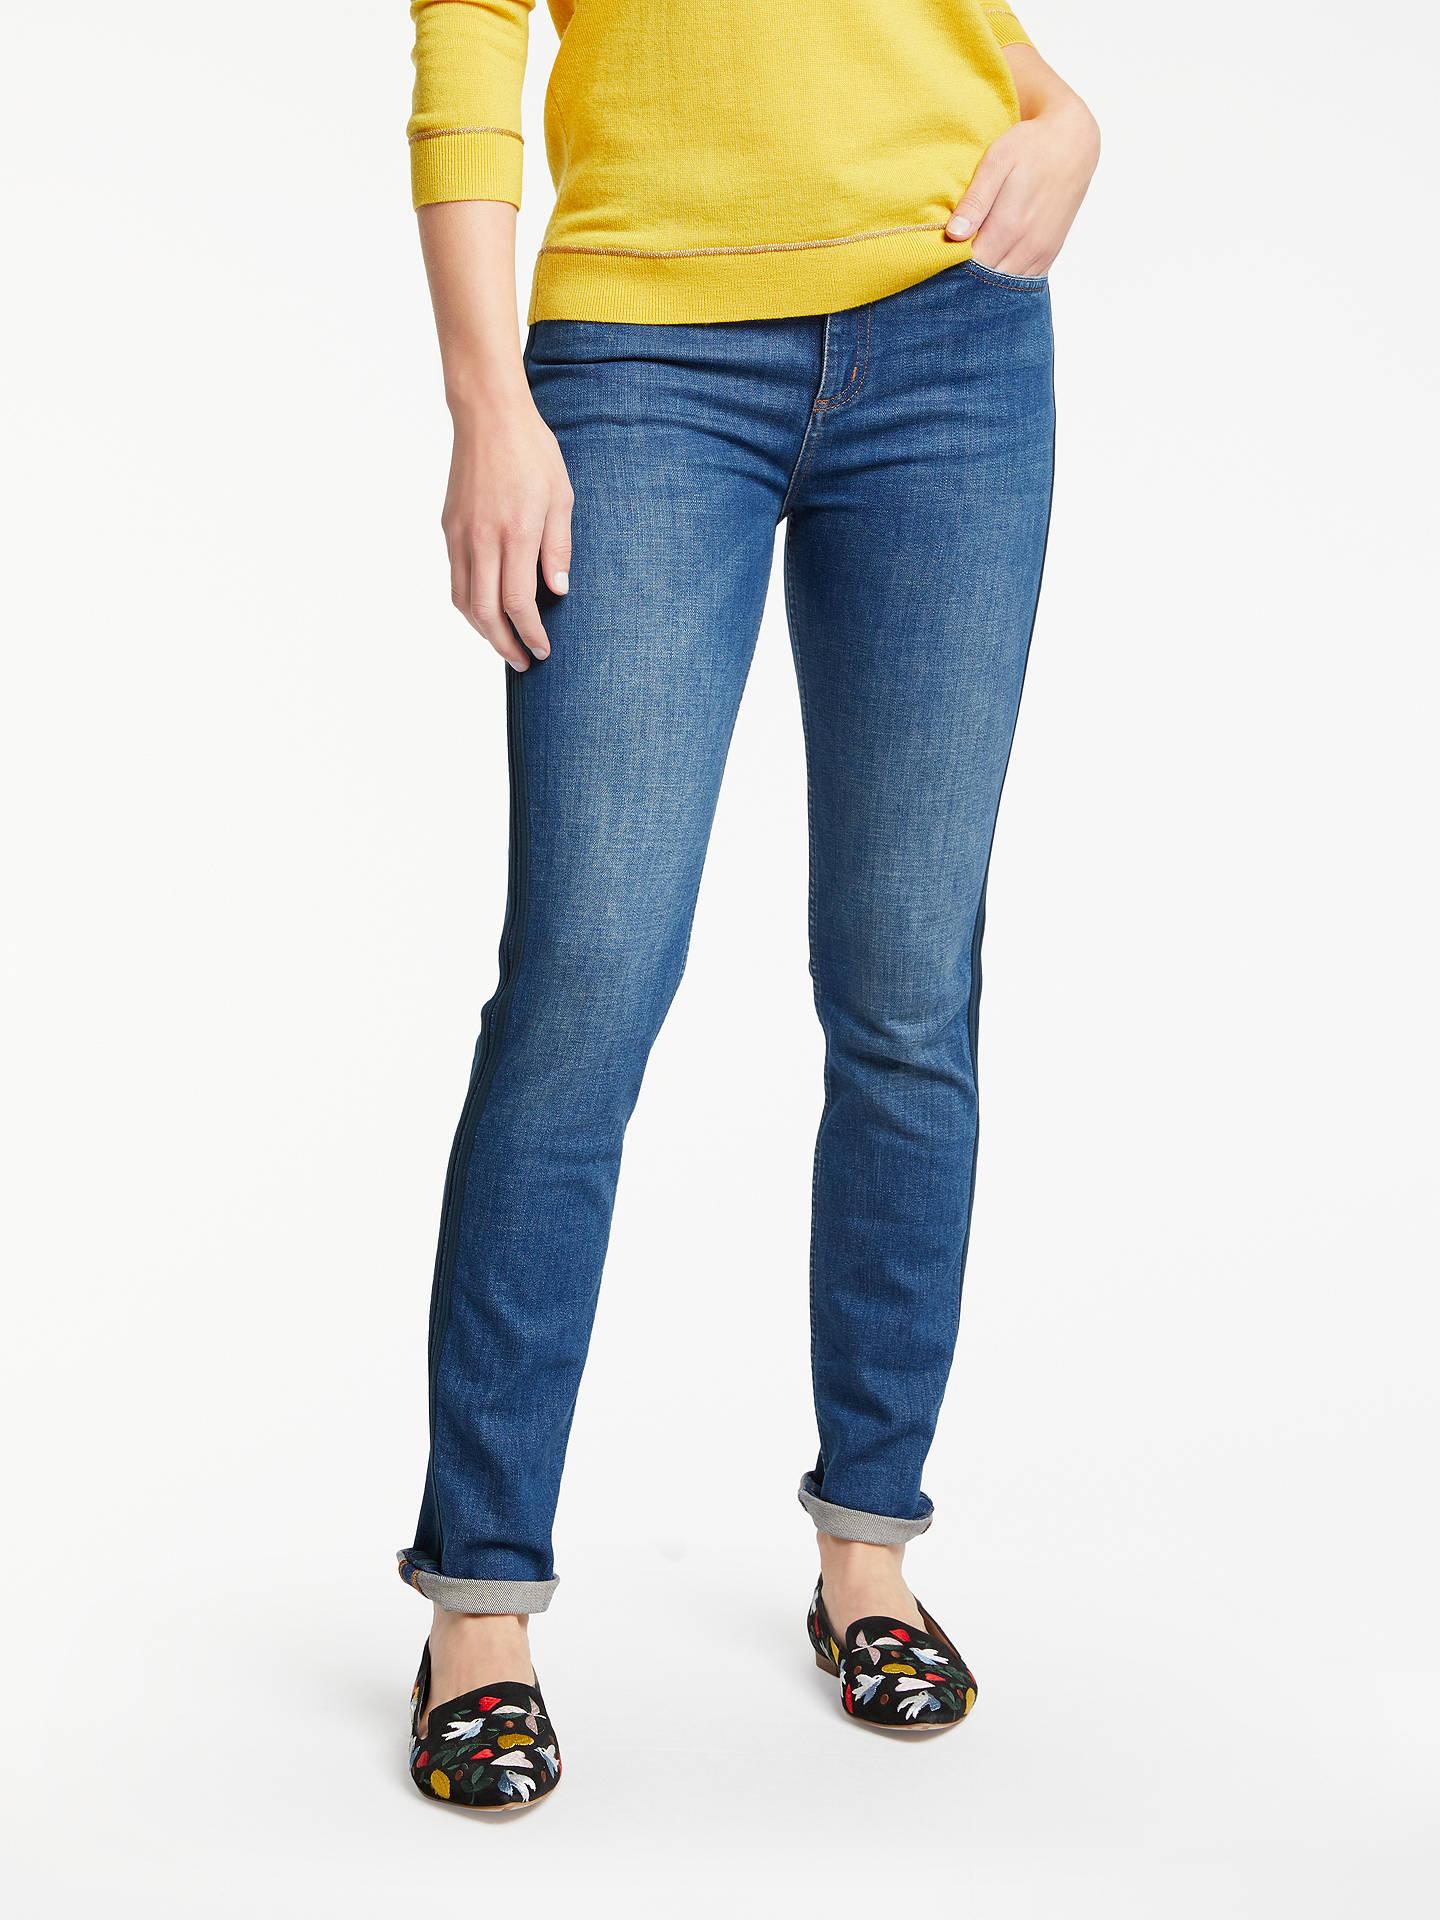 ddb52f56b804f BuyBoden Cavendish Girlfriend Jeans